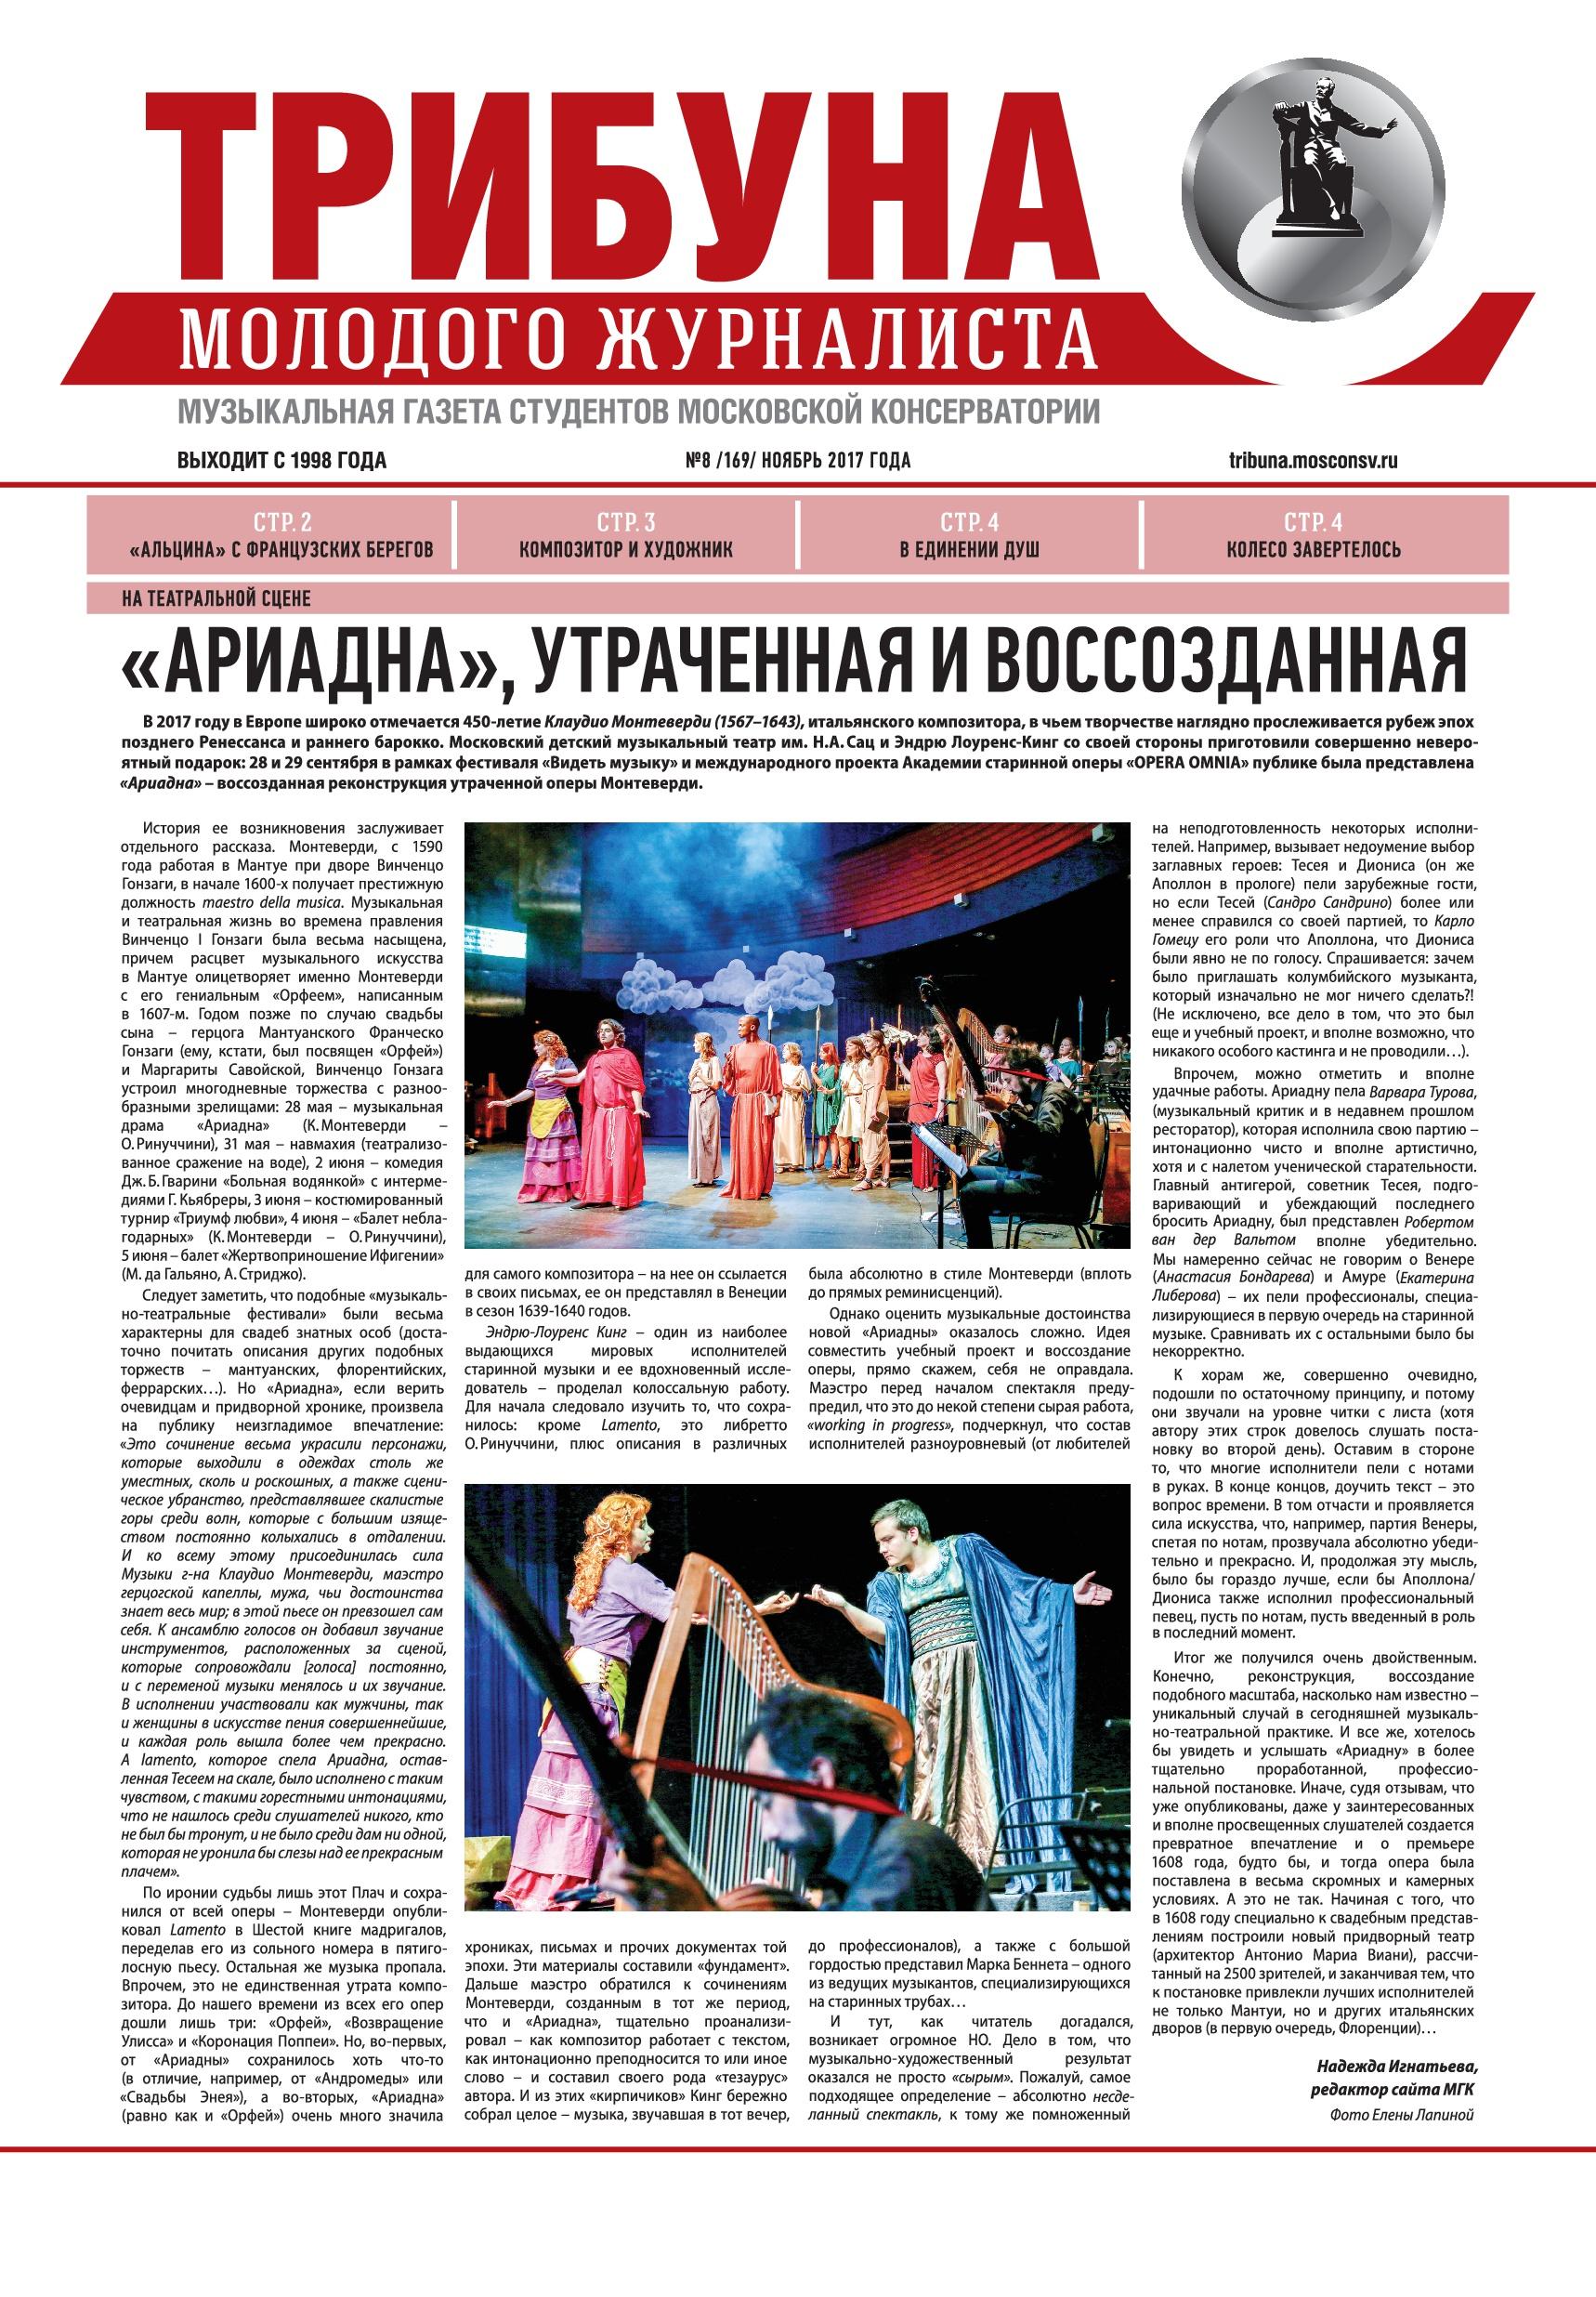 e6352f6b8ca Российский музыкант » Курышева Т.